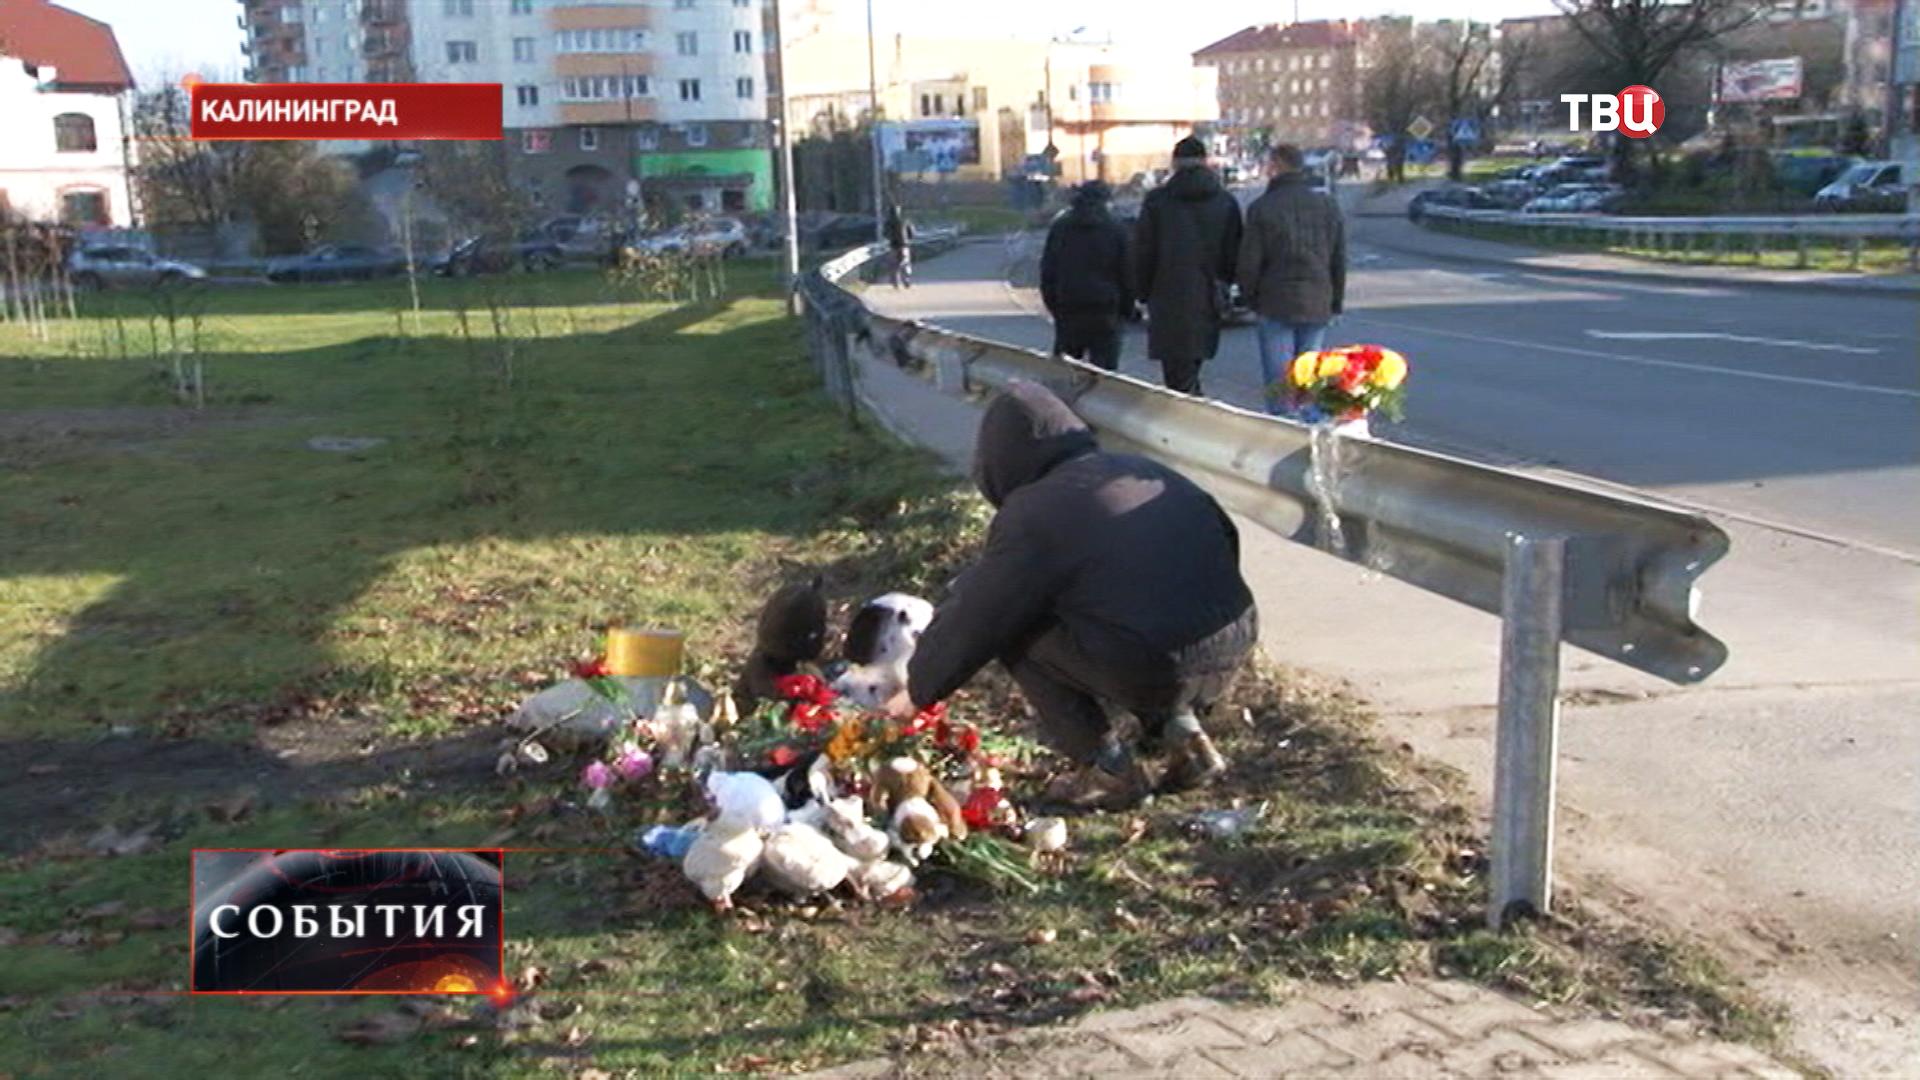 Цветы и свечи на месте аварии